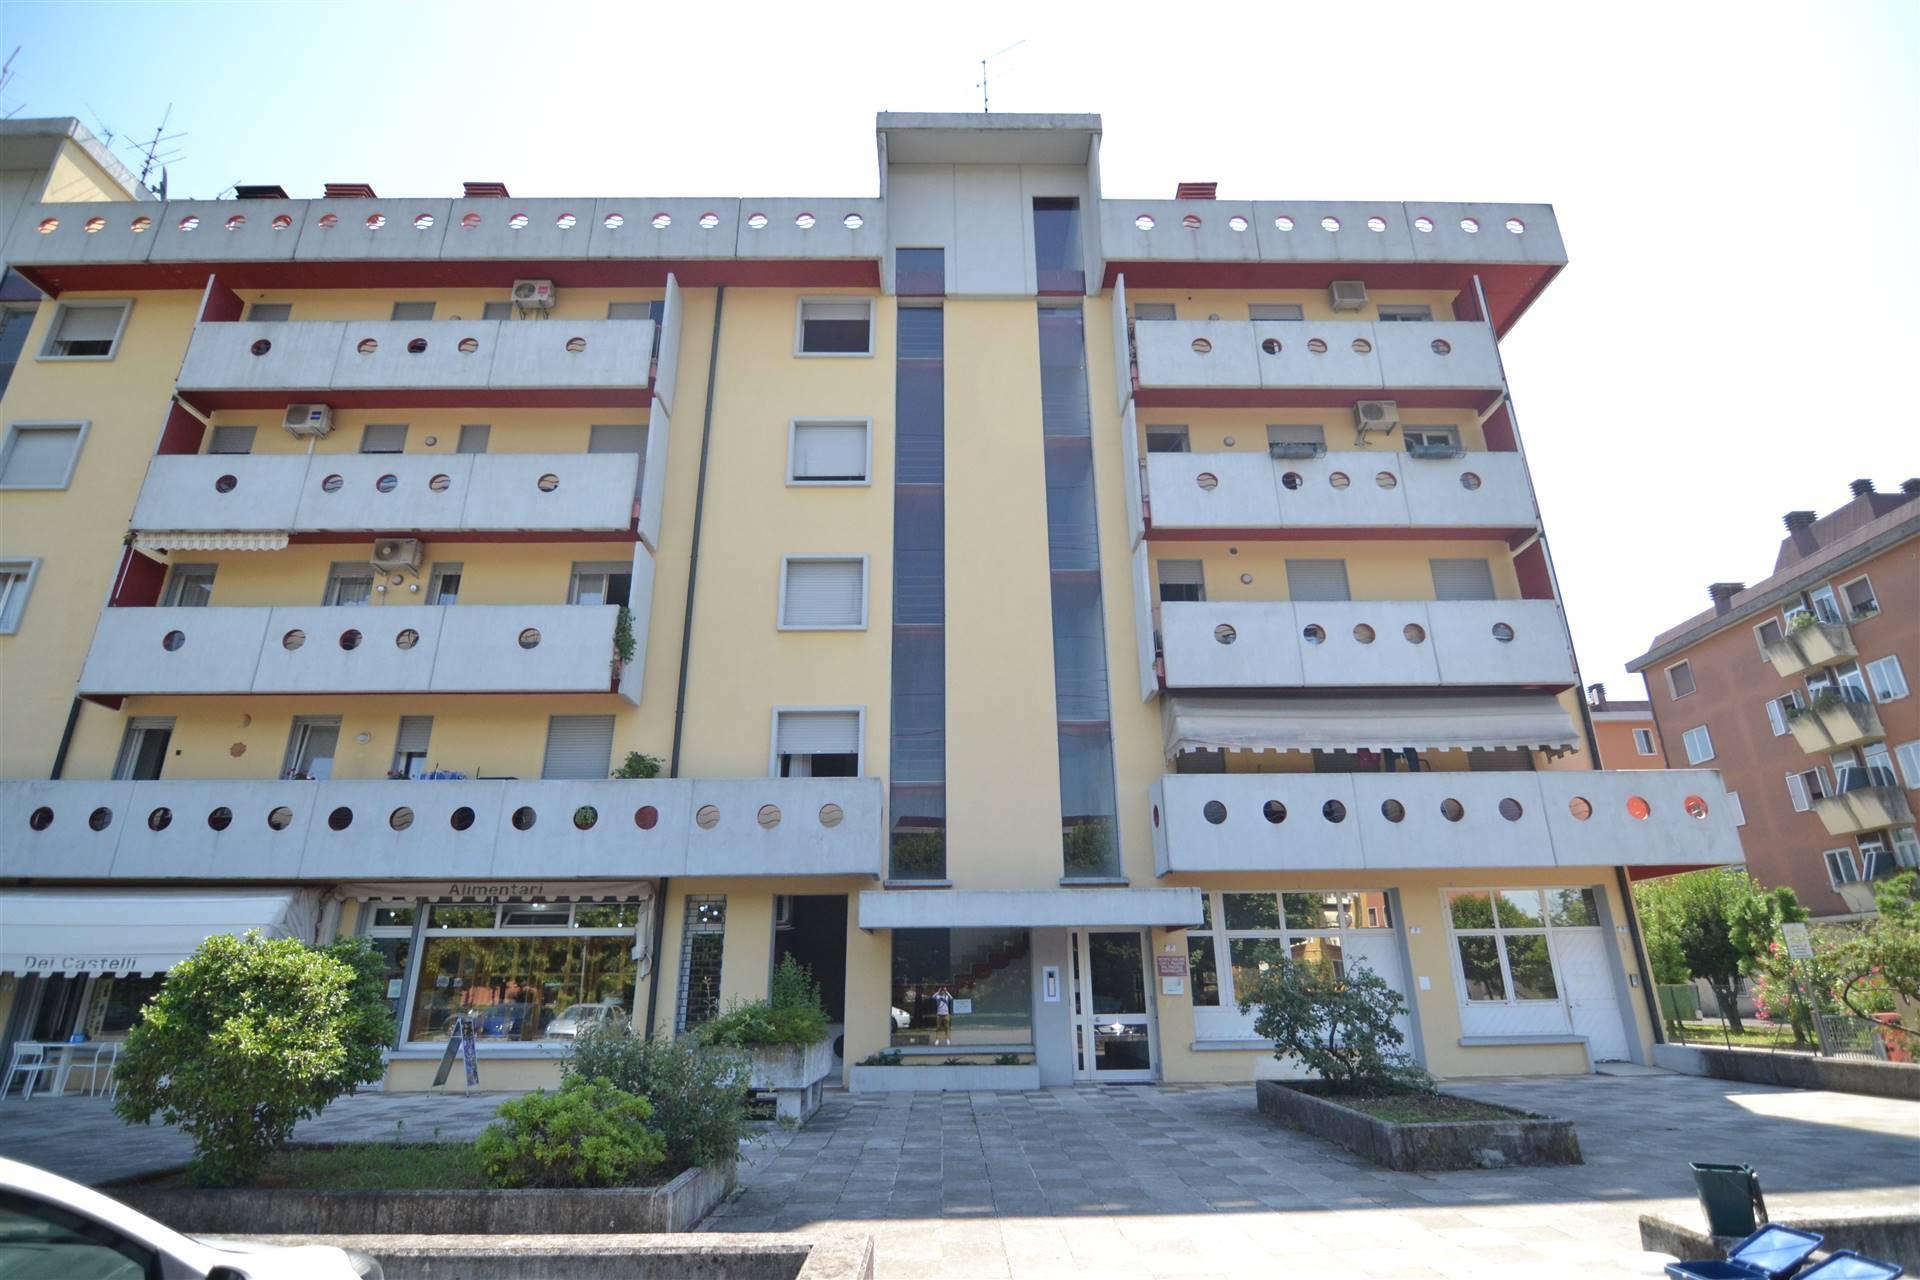 Appartamento in vendita a Montecchio Maggiore, 7 locali, prezzo € 95.000 | CambioCasa.it